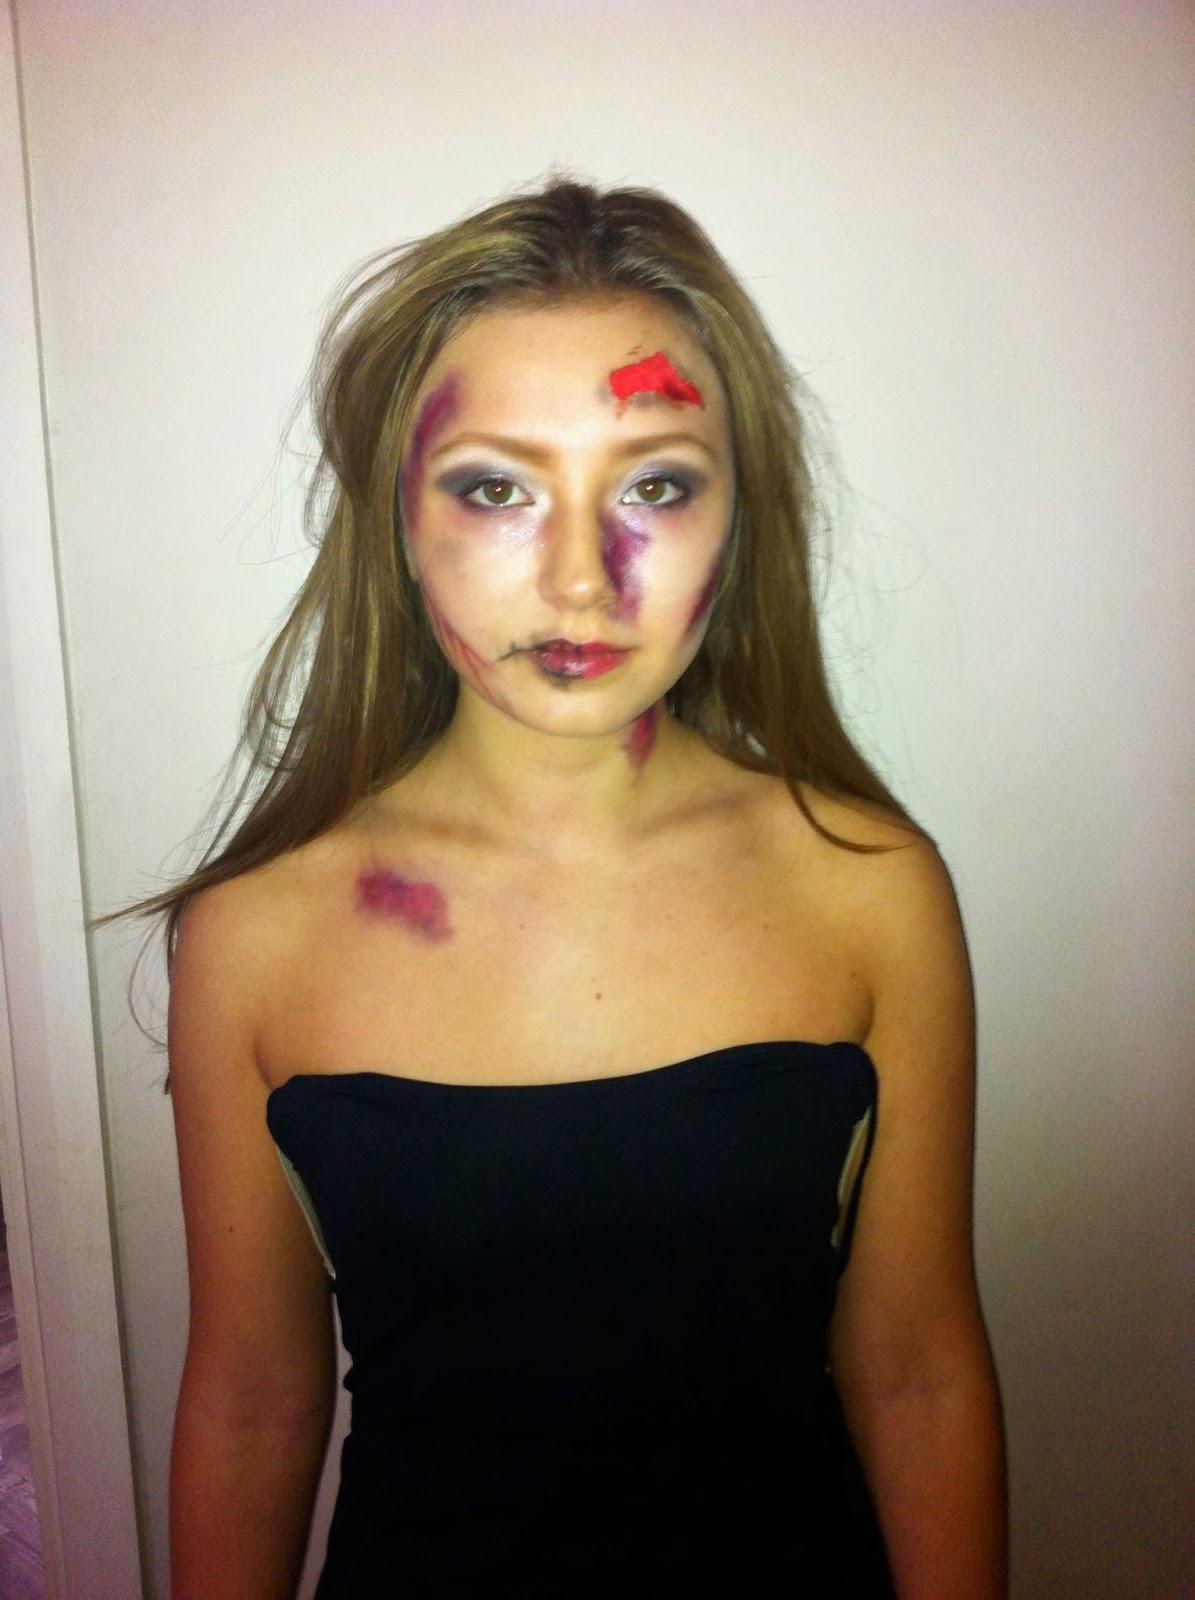 Stunning Dead Girl Makeup Halloween Photos - harrop.us - harrop.us